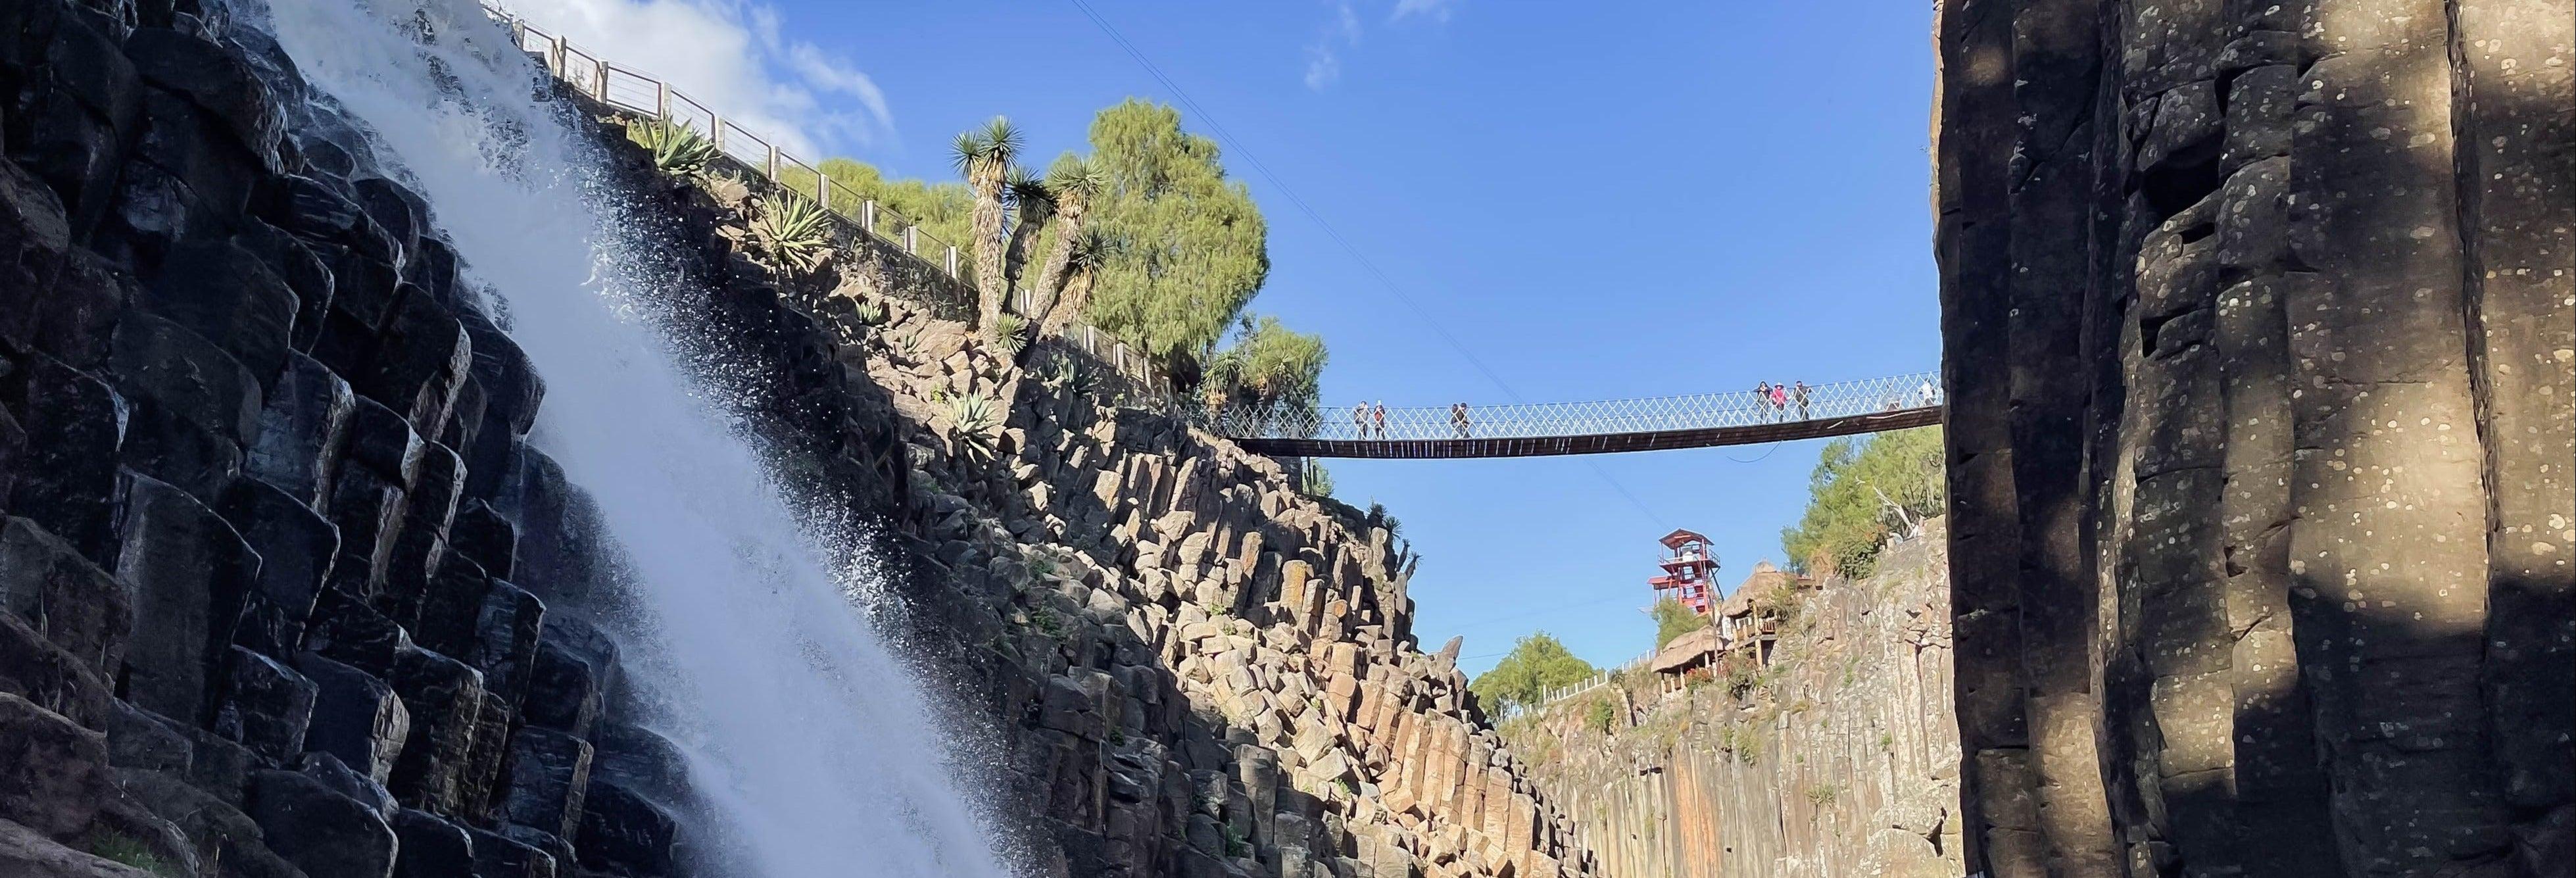 Excursion à Real del Monte et aux Prismes basaltiques